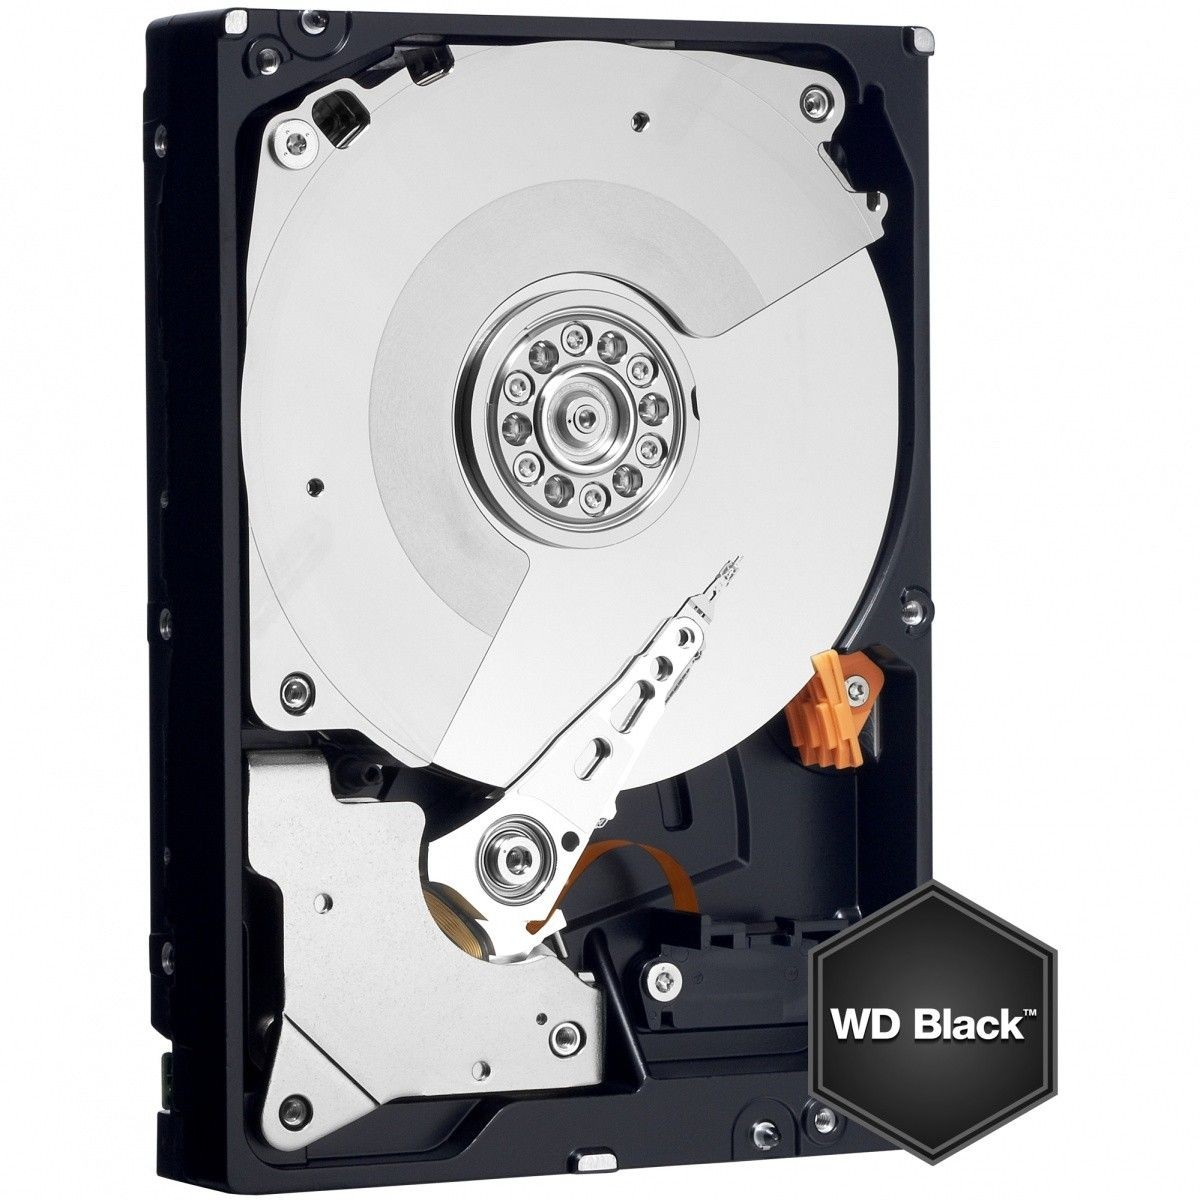 Western Digital WD Black WD3003FZEX 3TB 64MB SATAIII 7200rpm